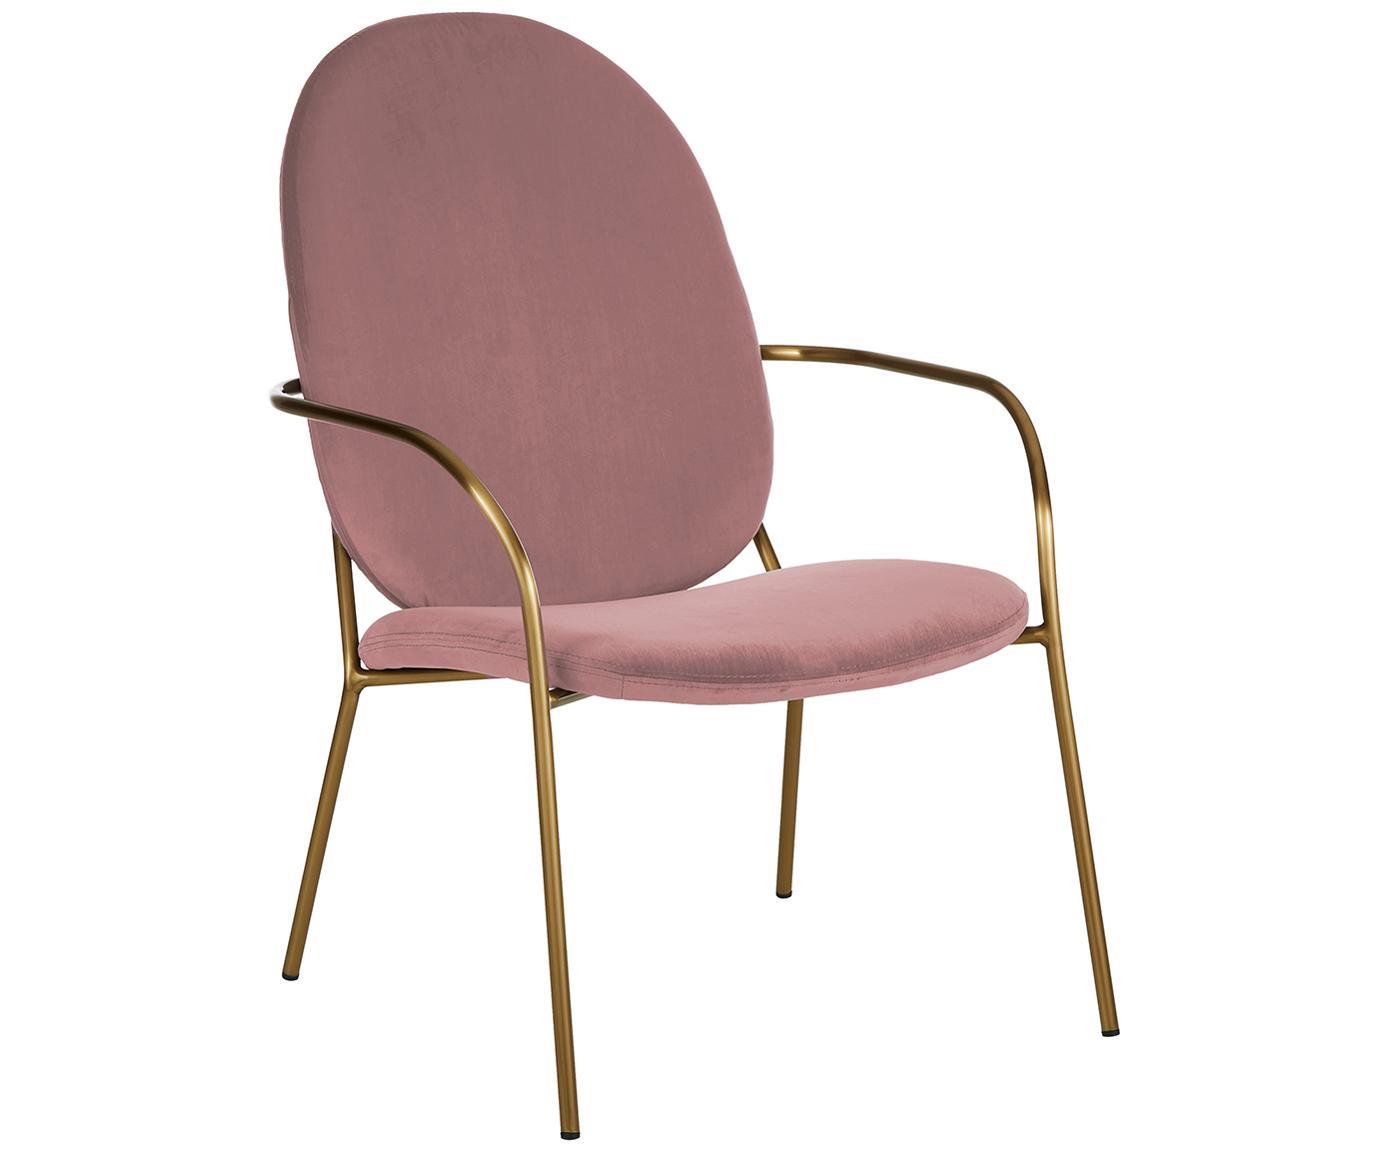 Sedia a poltrona in velluto Mary, Rivestimento: velluto (poliestere) 15.0, Struttura: metallo rivestito, Velluto rosa cipria, Larg. 63 x Prof. 73 cm